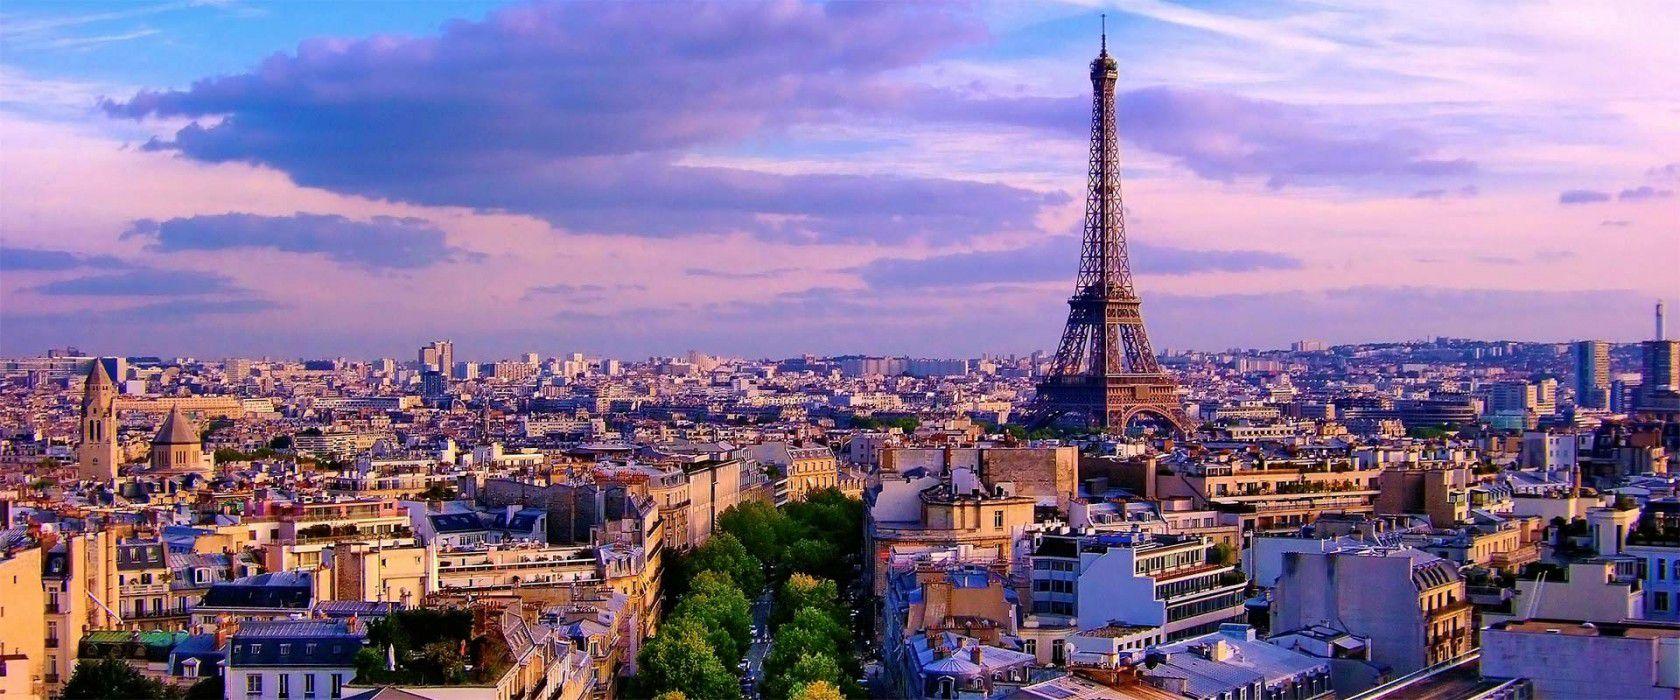 Fransa Lise Eğitiminin Tercih Edilmesinin Sebepleri